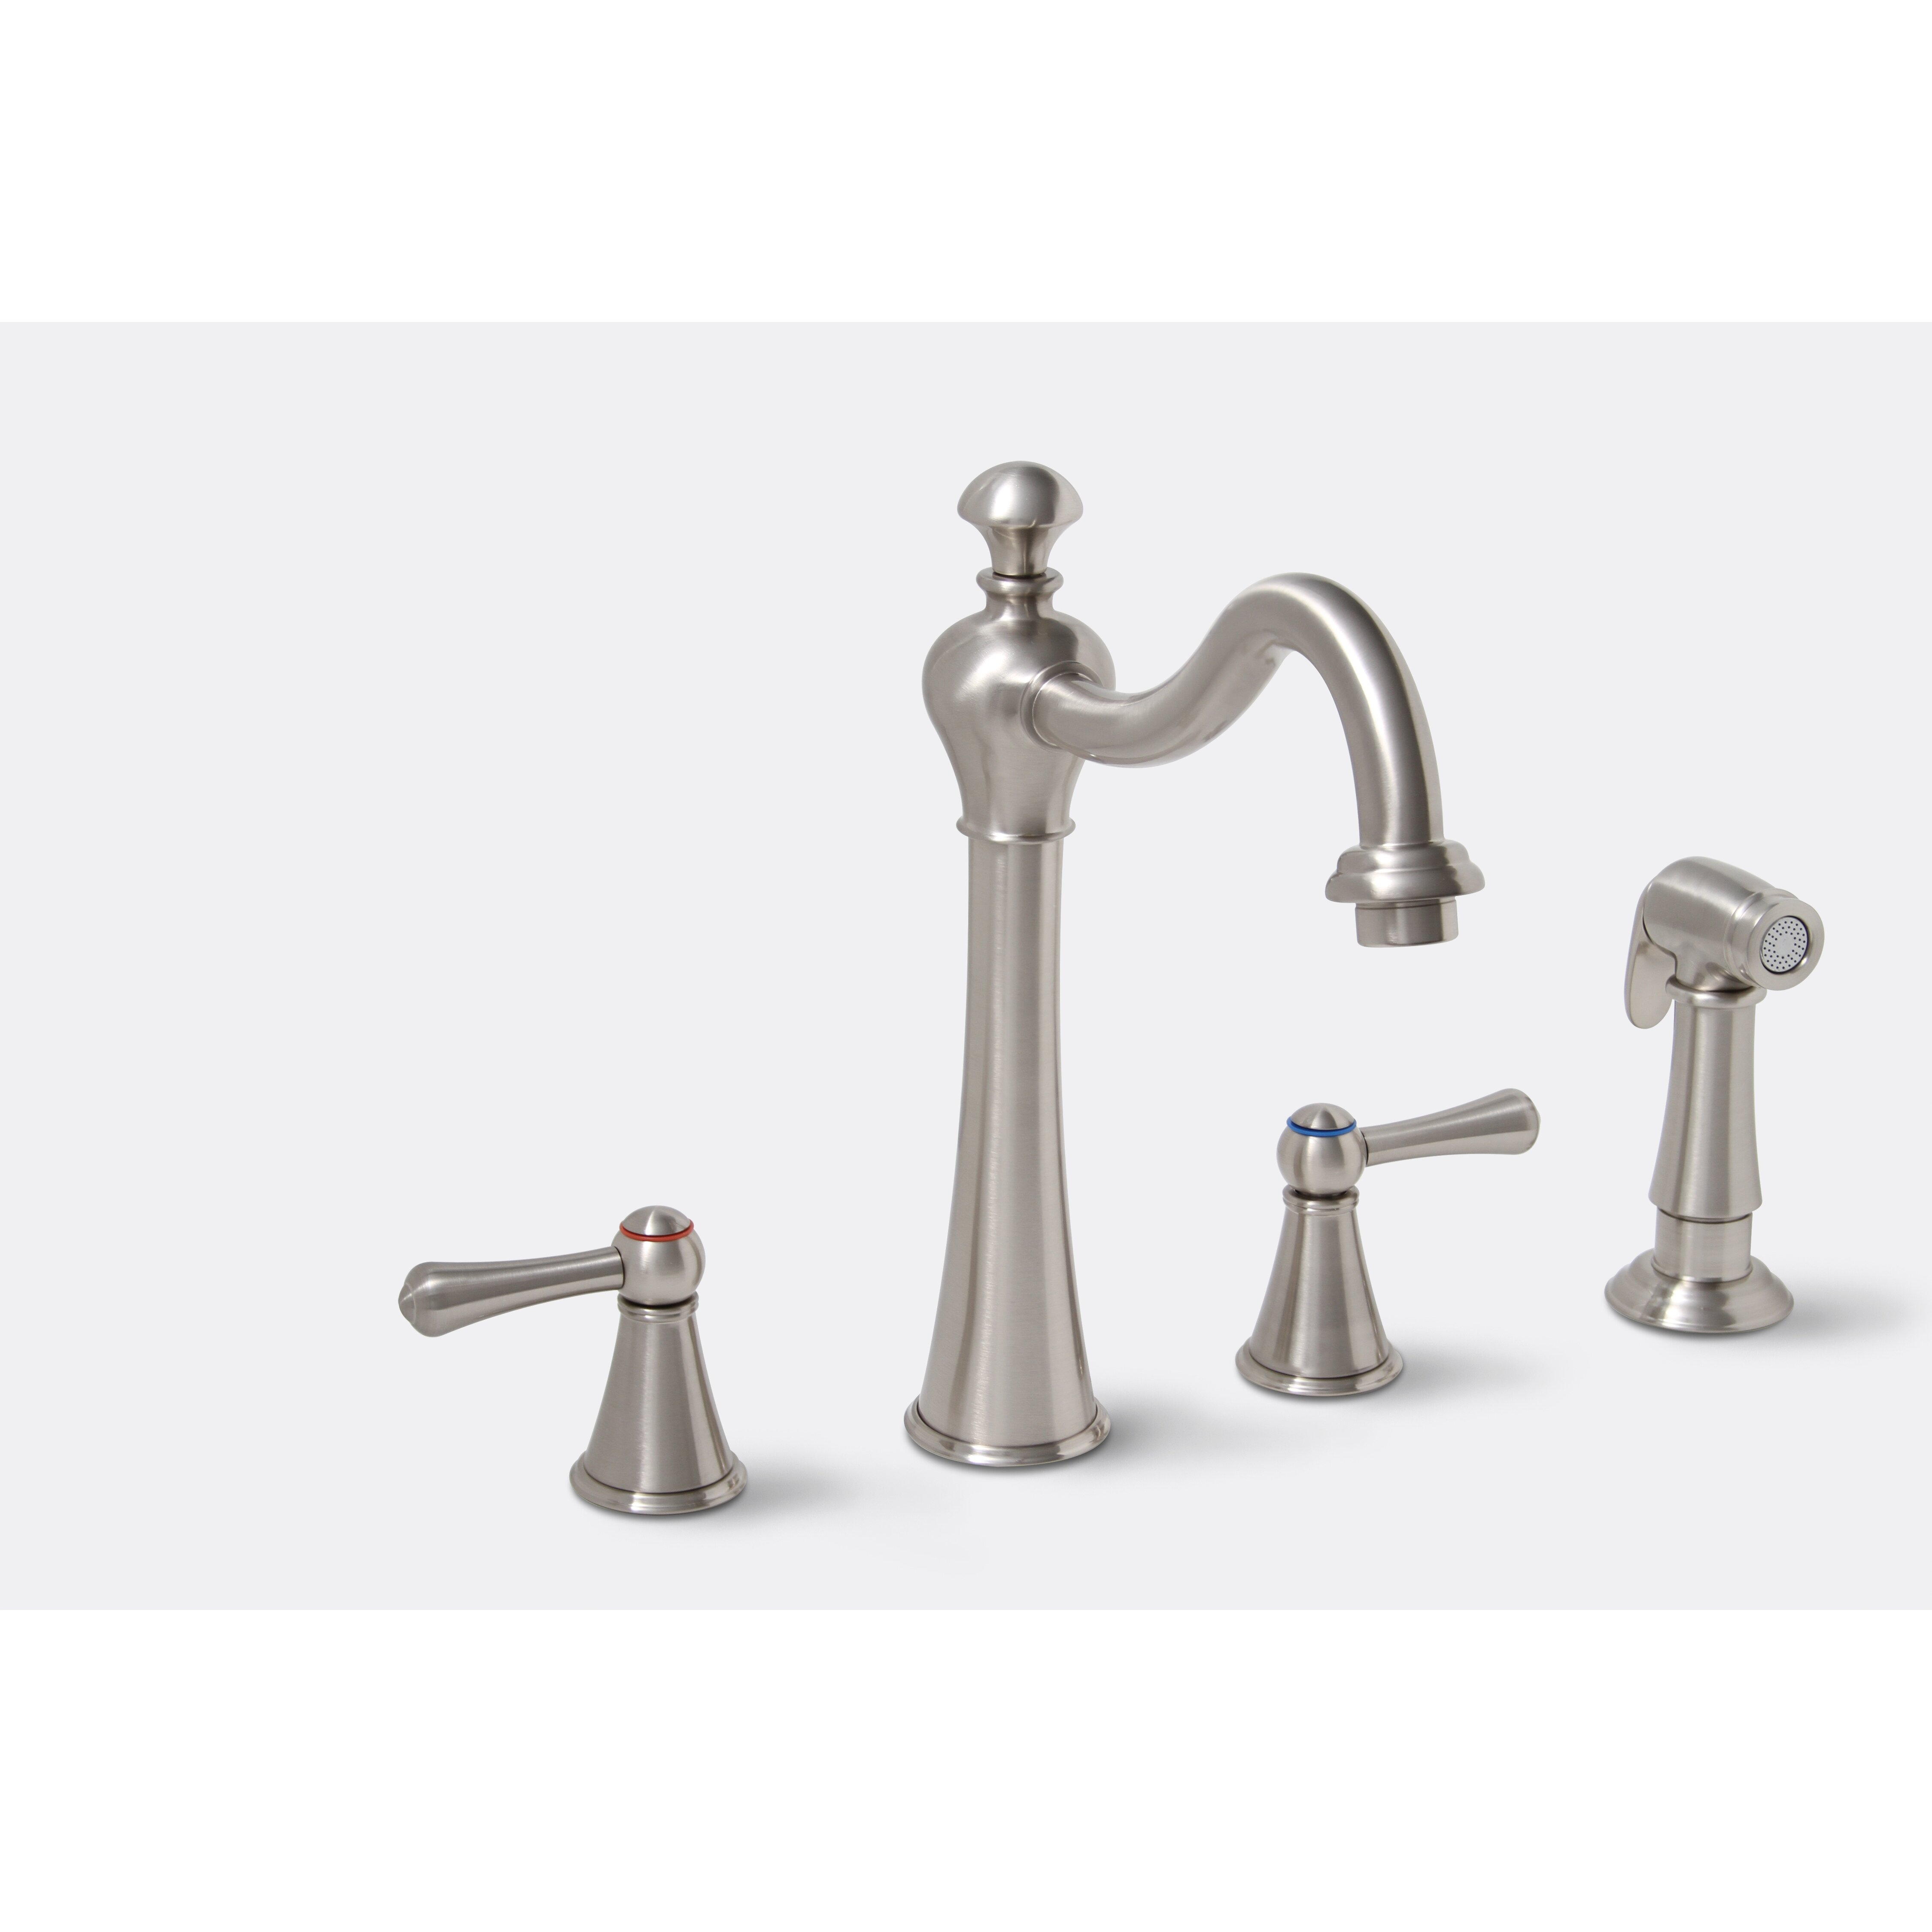 Two Handle Kitchen Faucet: Premier Faucet Sonoma Two Handle Widespread Kitchen Faucet